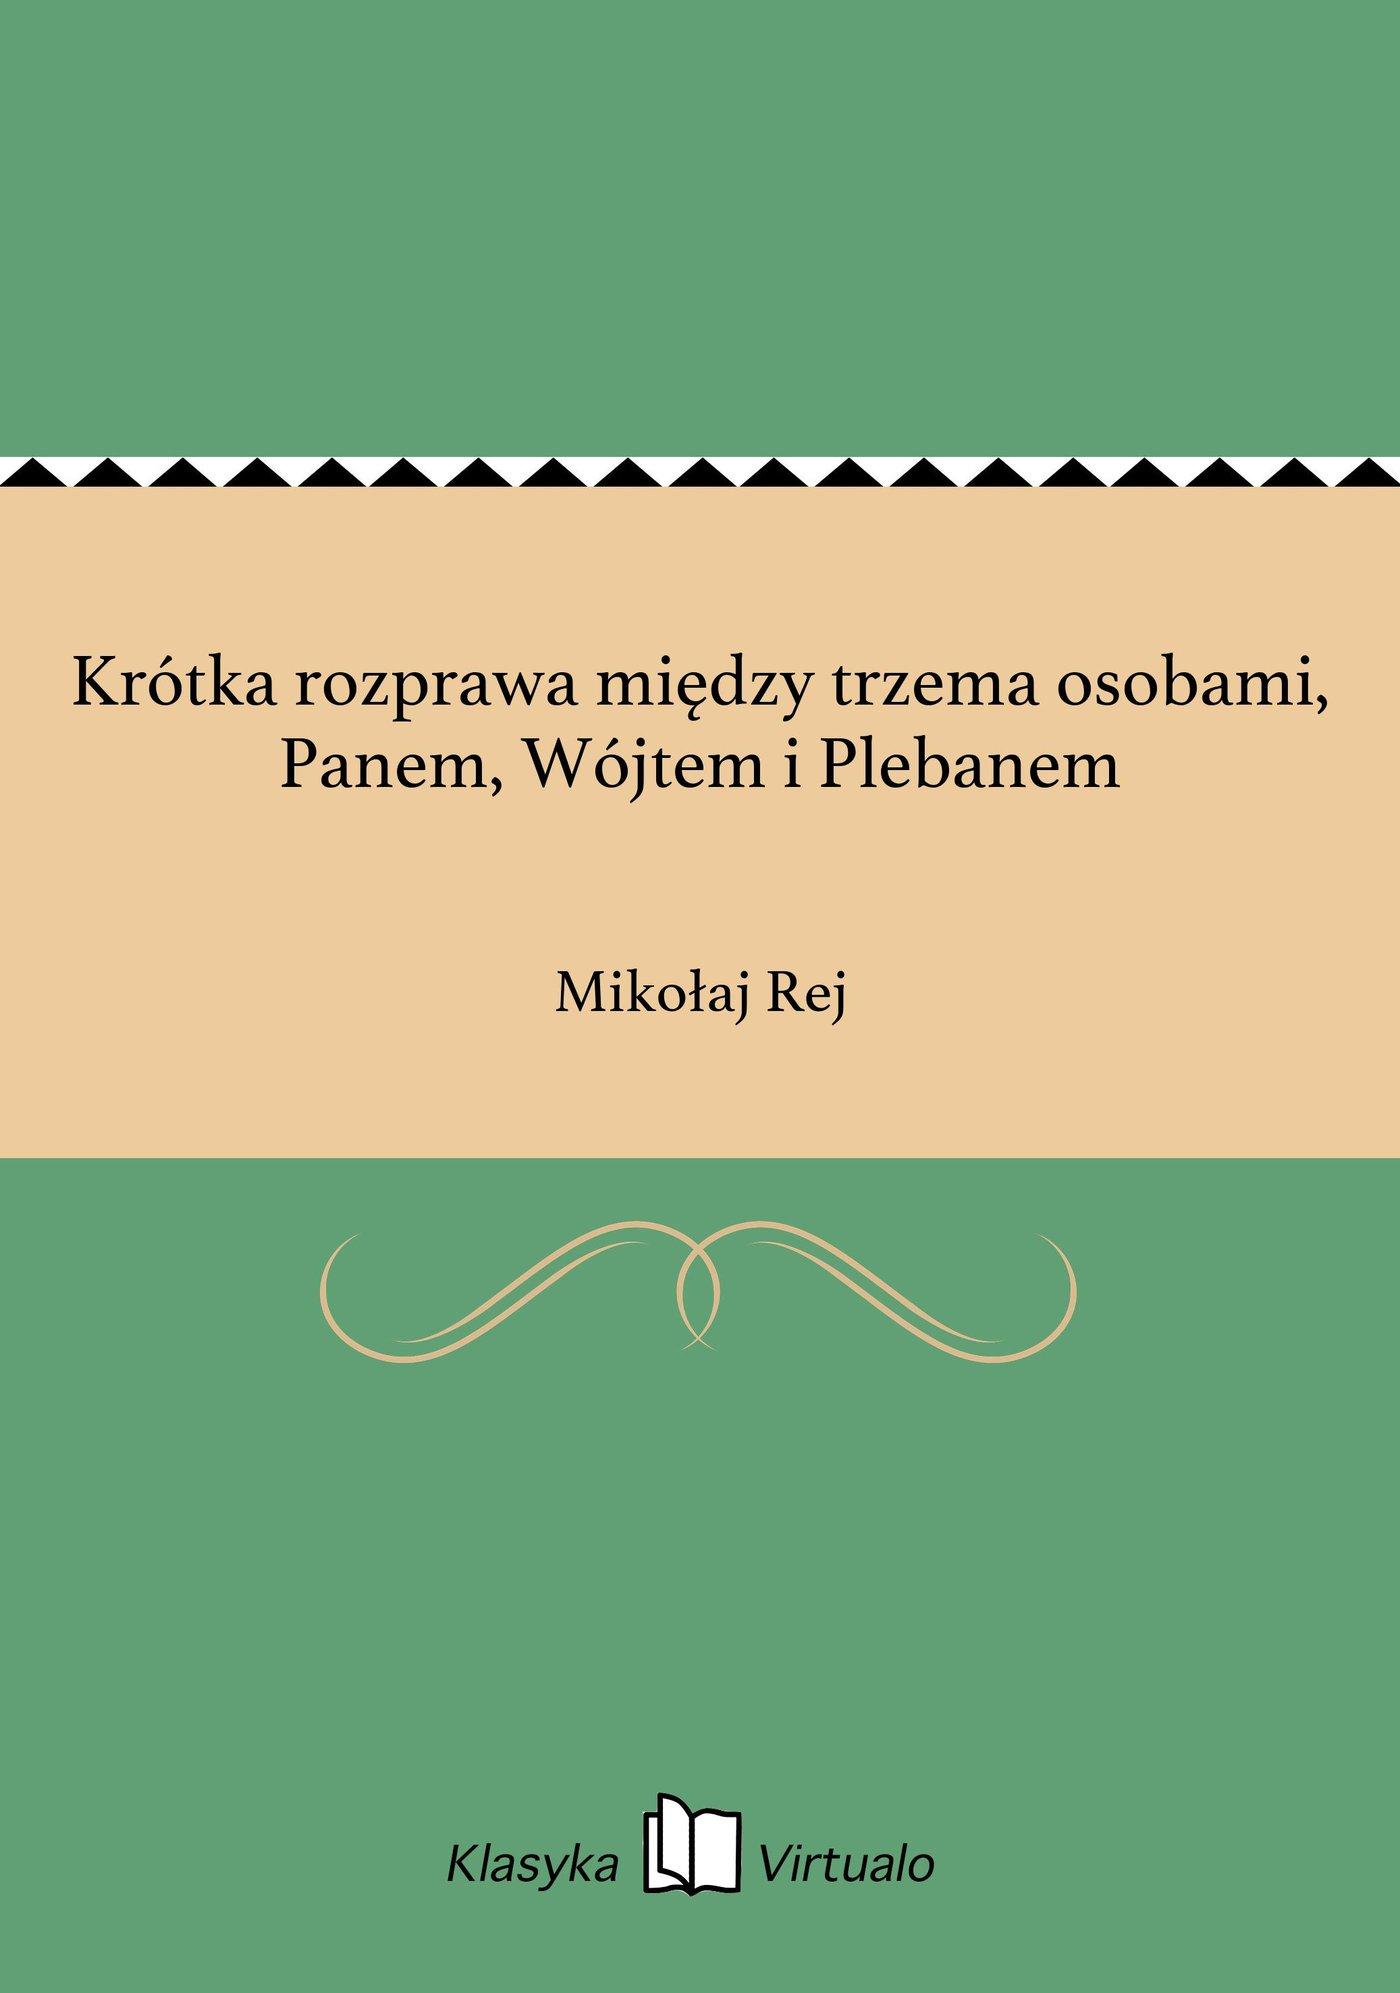 Krótka rozprawa między trzema osobami, Panem, Wójtem i Plebanem - Ebook (Książka EPUB) do pobrania w formacie EPUB